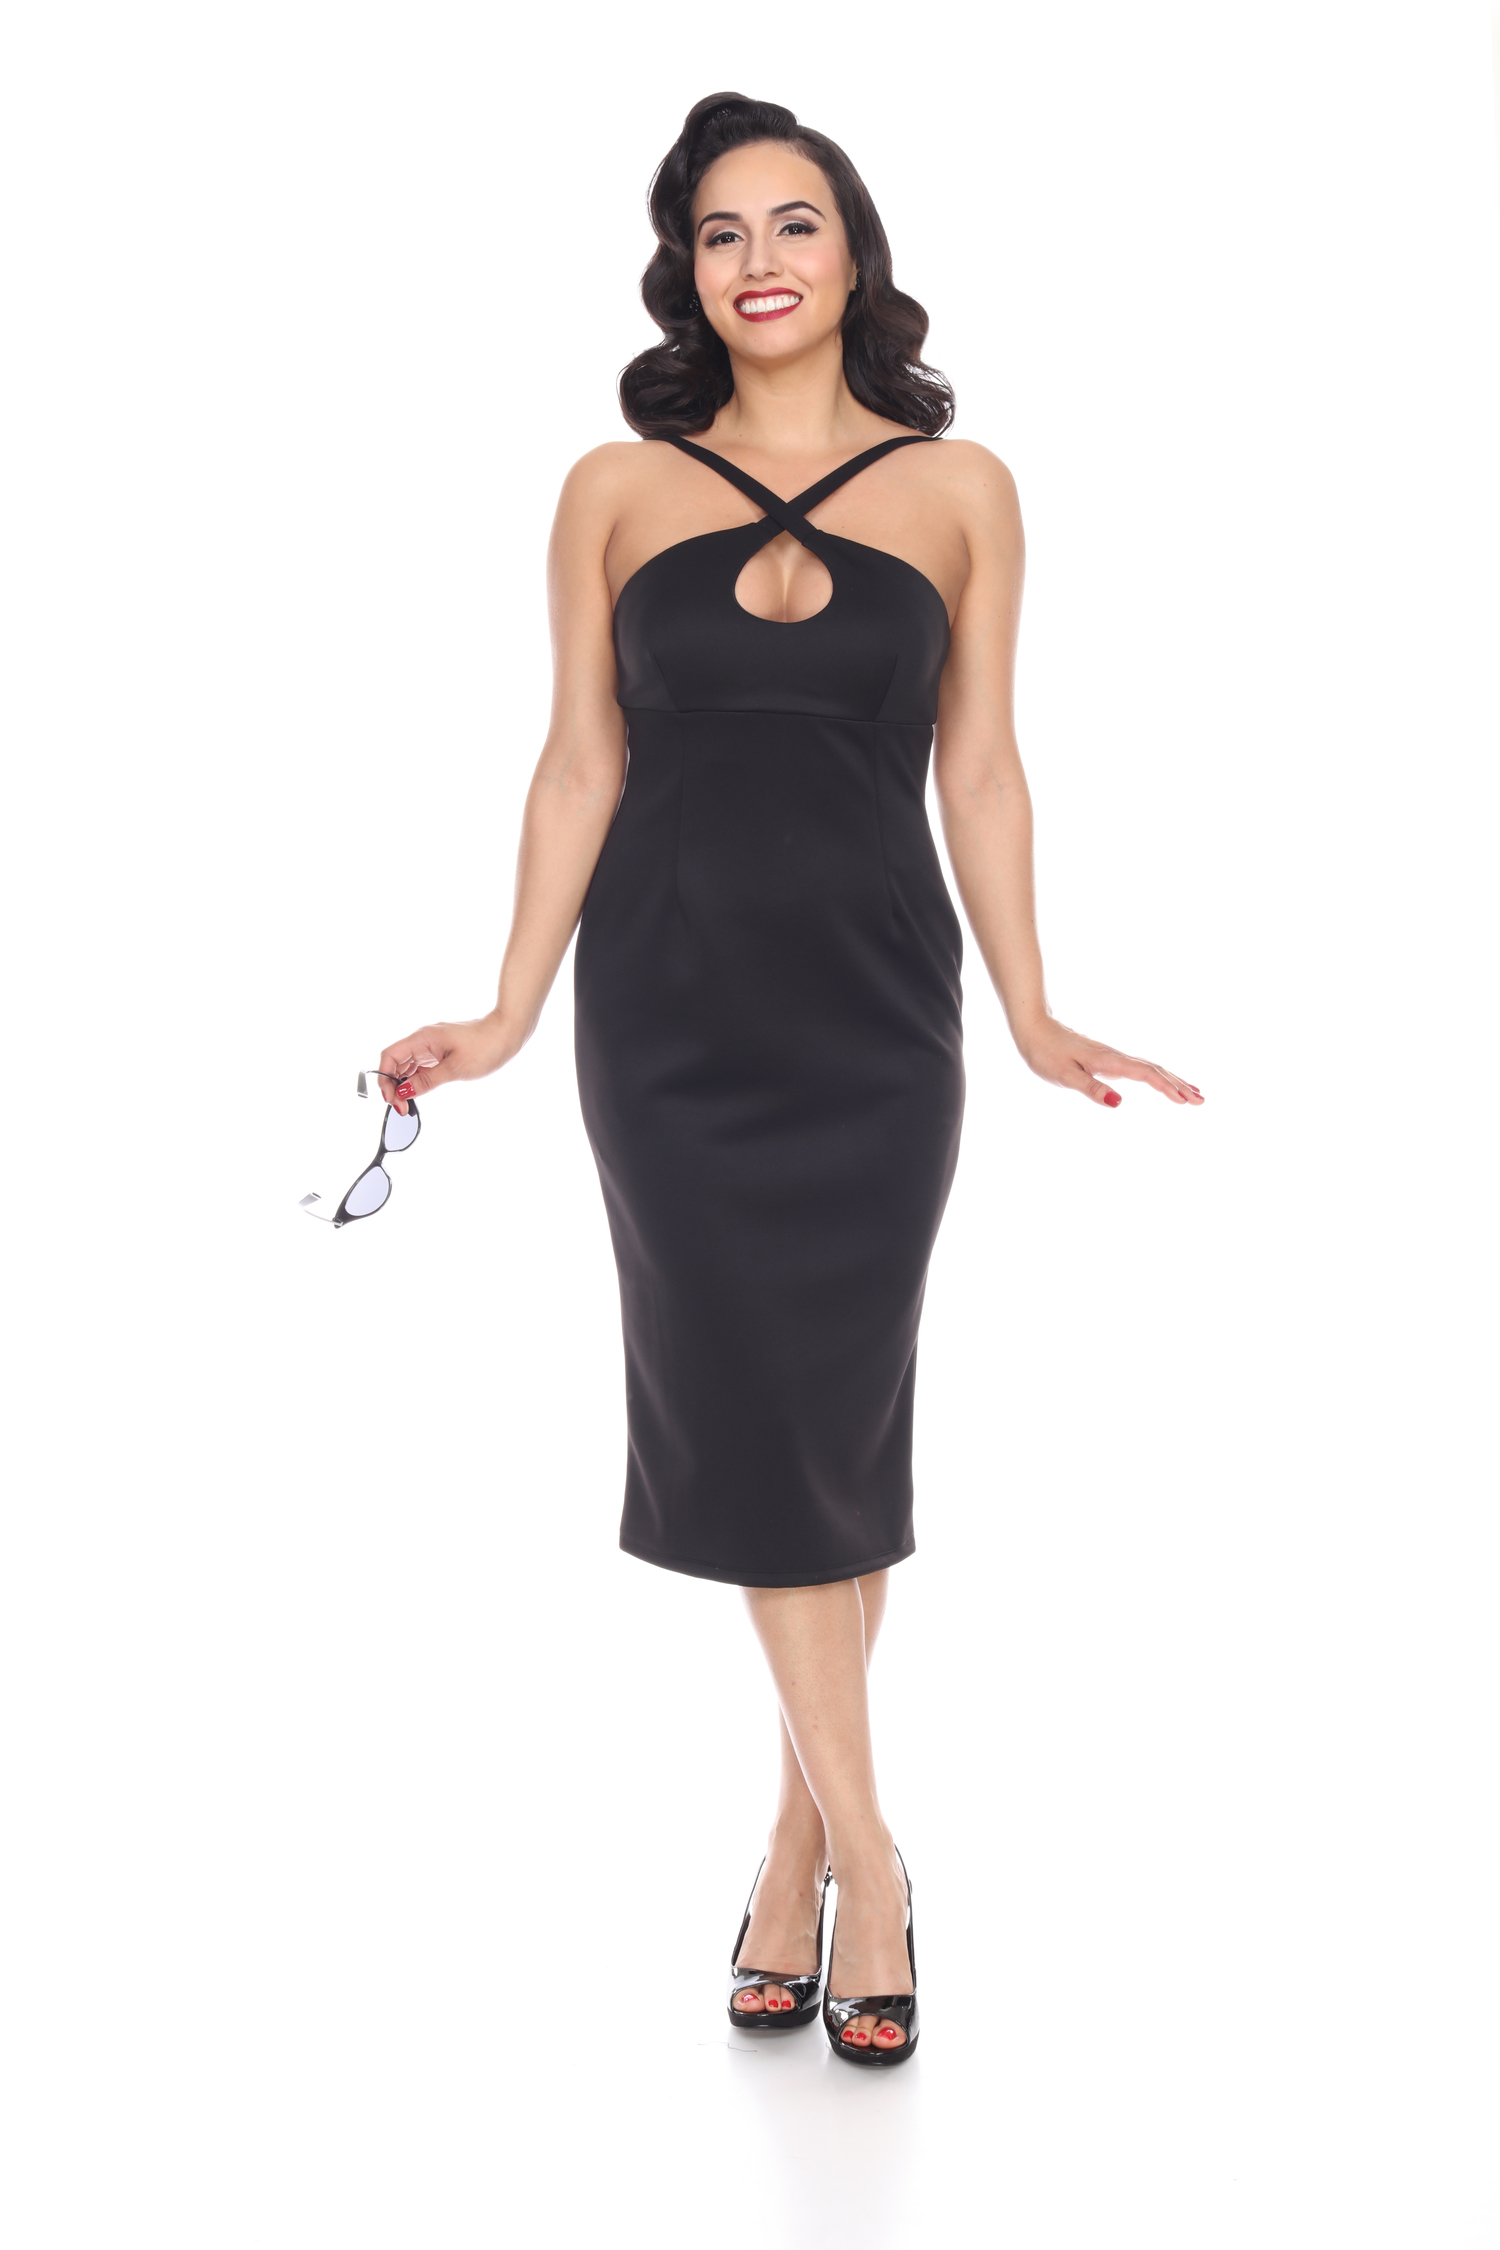 Cross My Heart Dress (Black) by Bettie Page